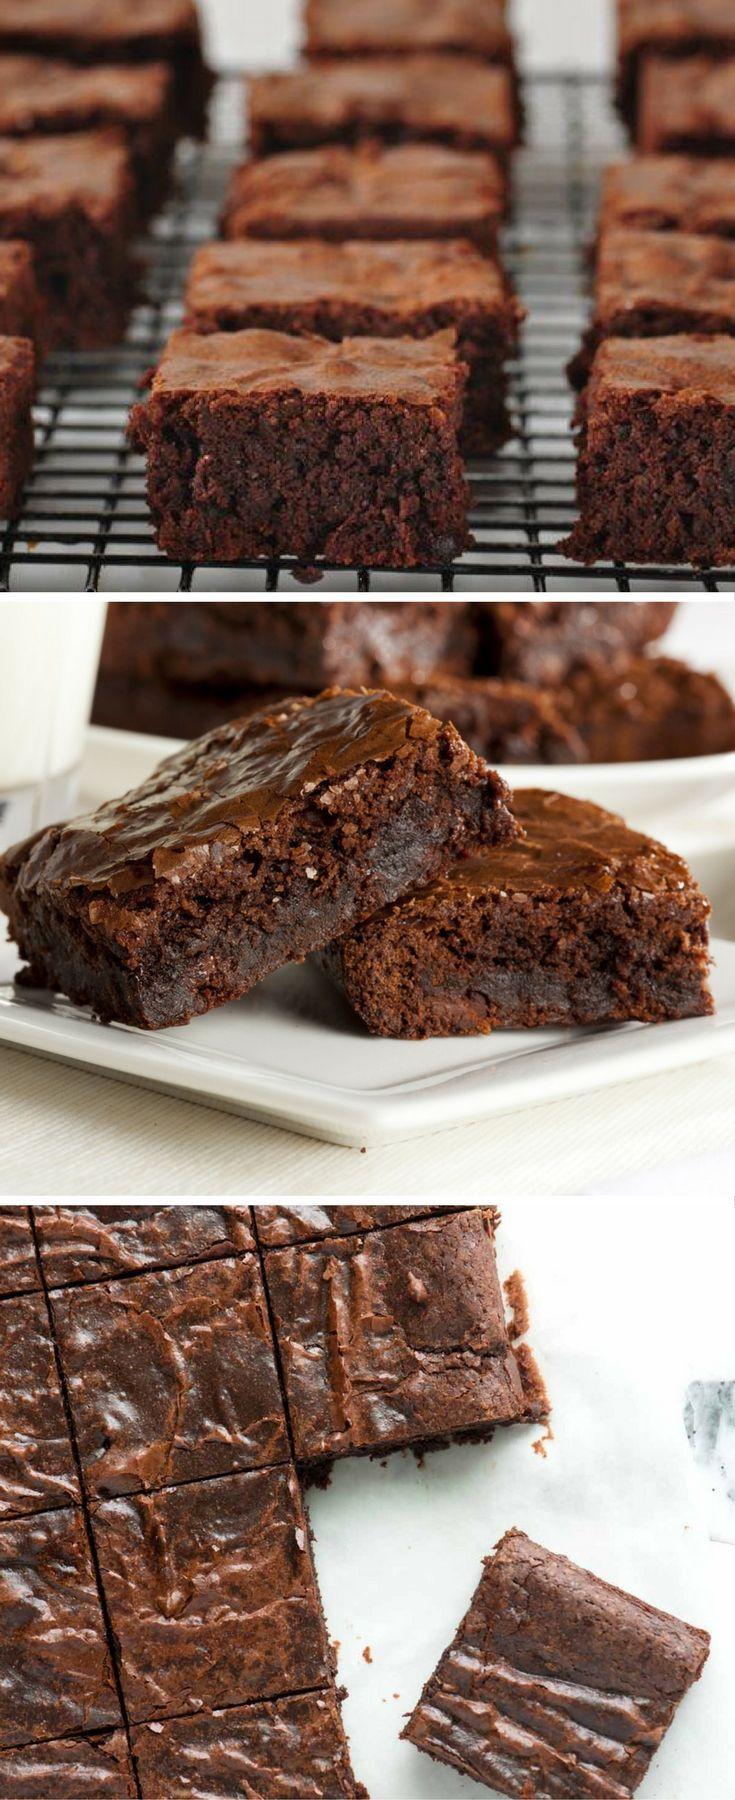 hacer Brownies Caseros Receta del Brownie  Conoce más de los bebés en Somos Mamas.Receta del Brownie  Conoce más de los bebés en Somos Mamas.